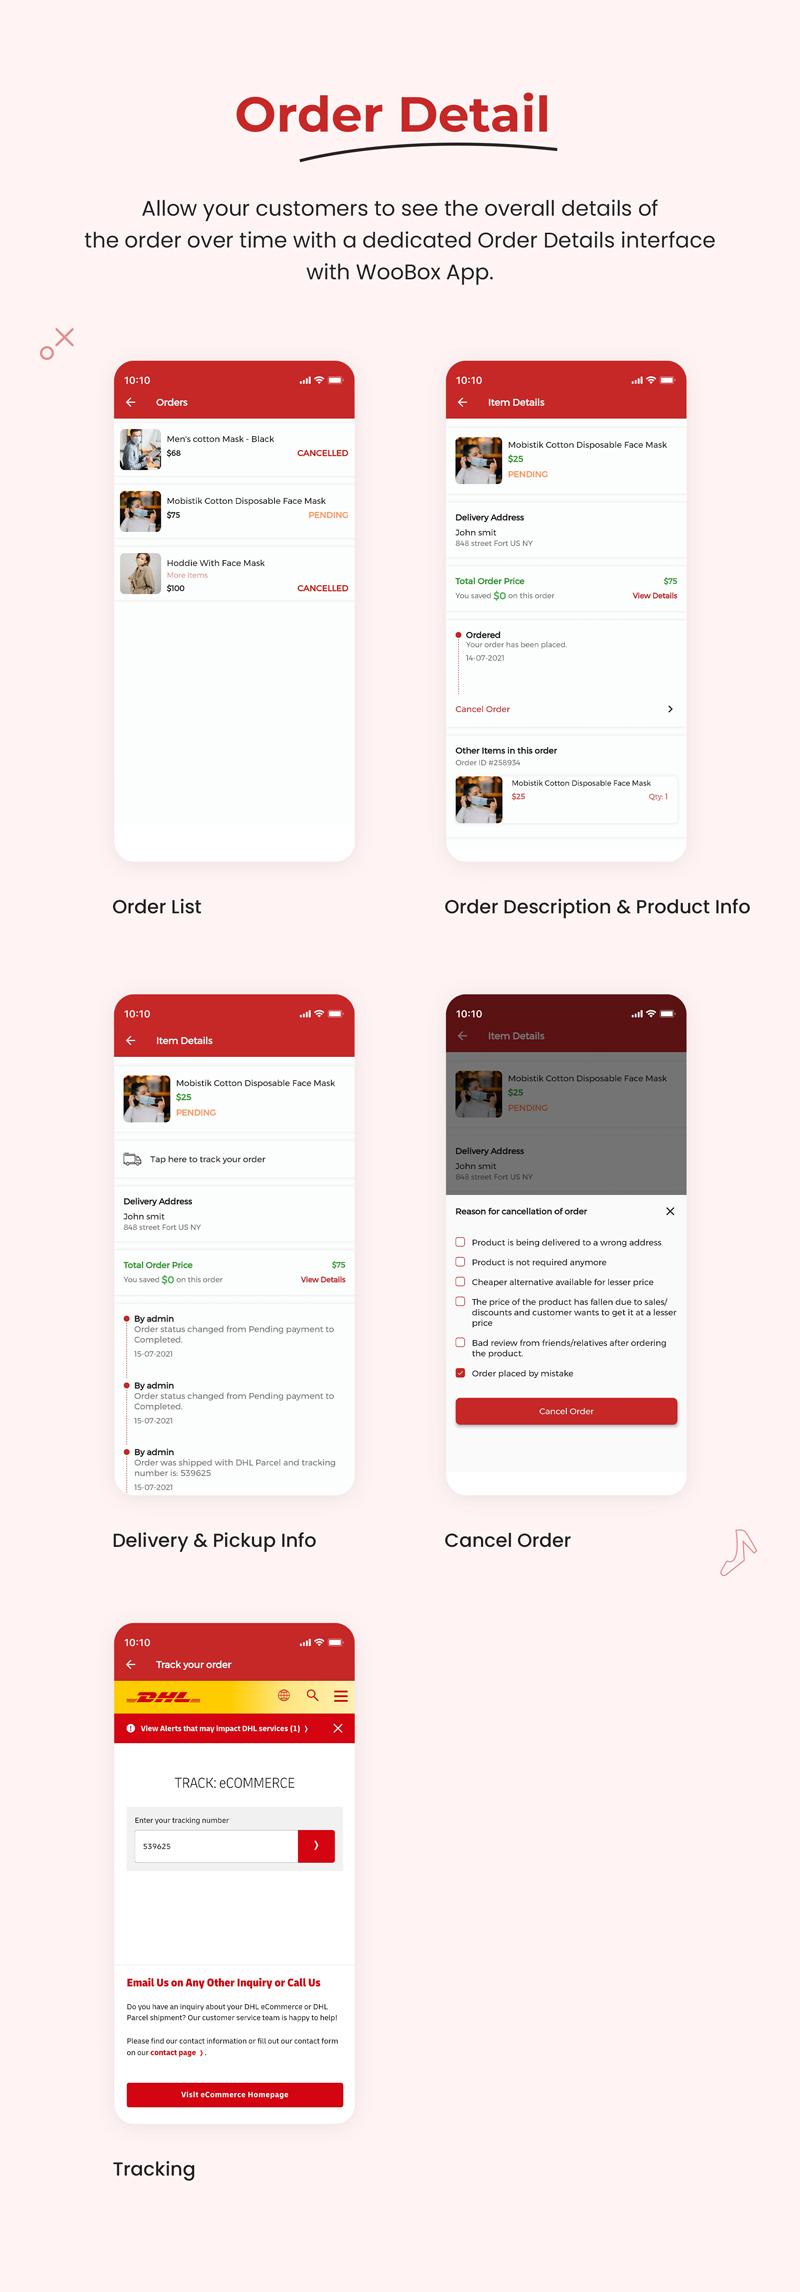 1 woocommerce flutter 2.0 e-commerce full mobile app All New WooBox 2.0 7 Order Detail